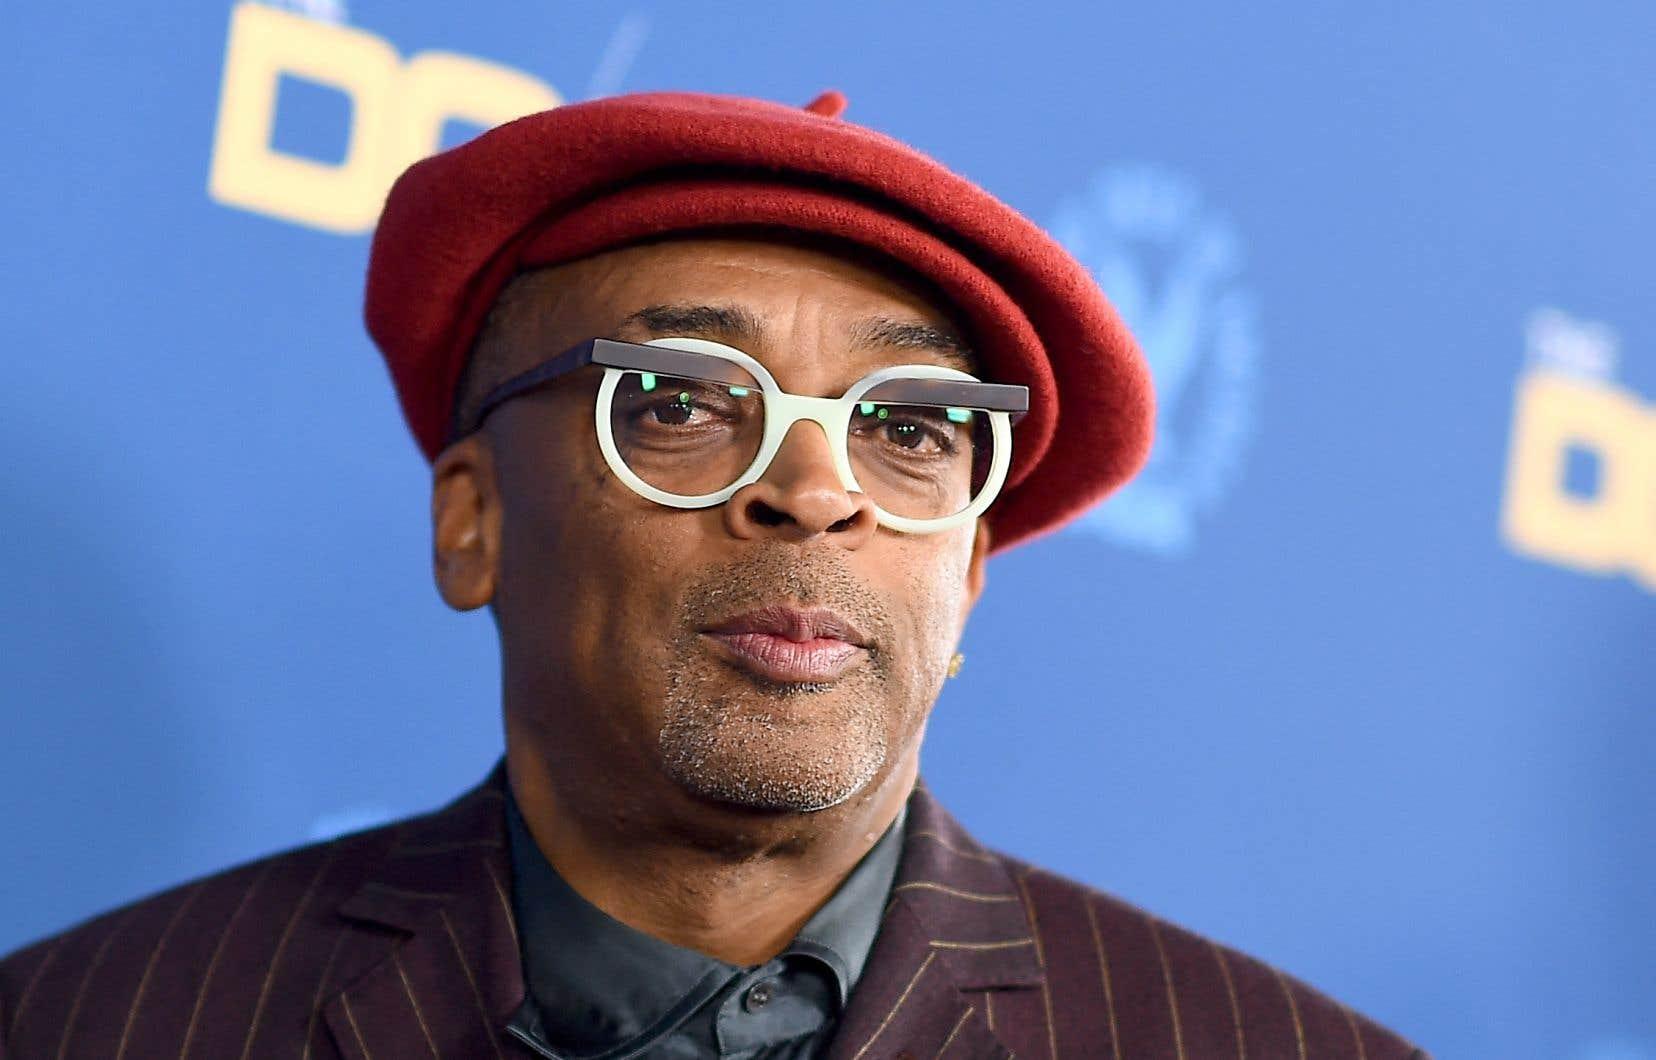 Le réalisateur Spike Lee, grâce à la distinction de son premier long métrage, a ouvert la voie à de nombreux artistes afro-américains.